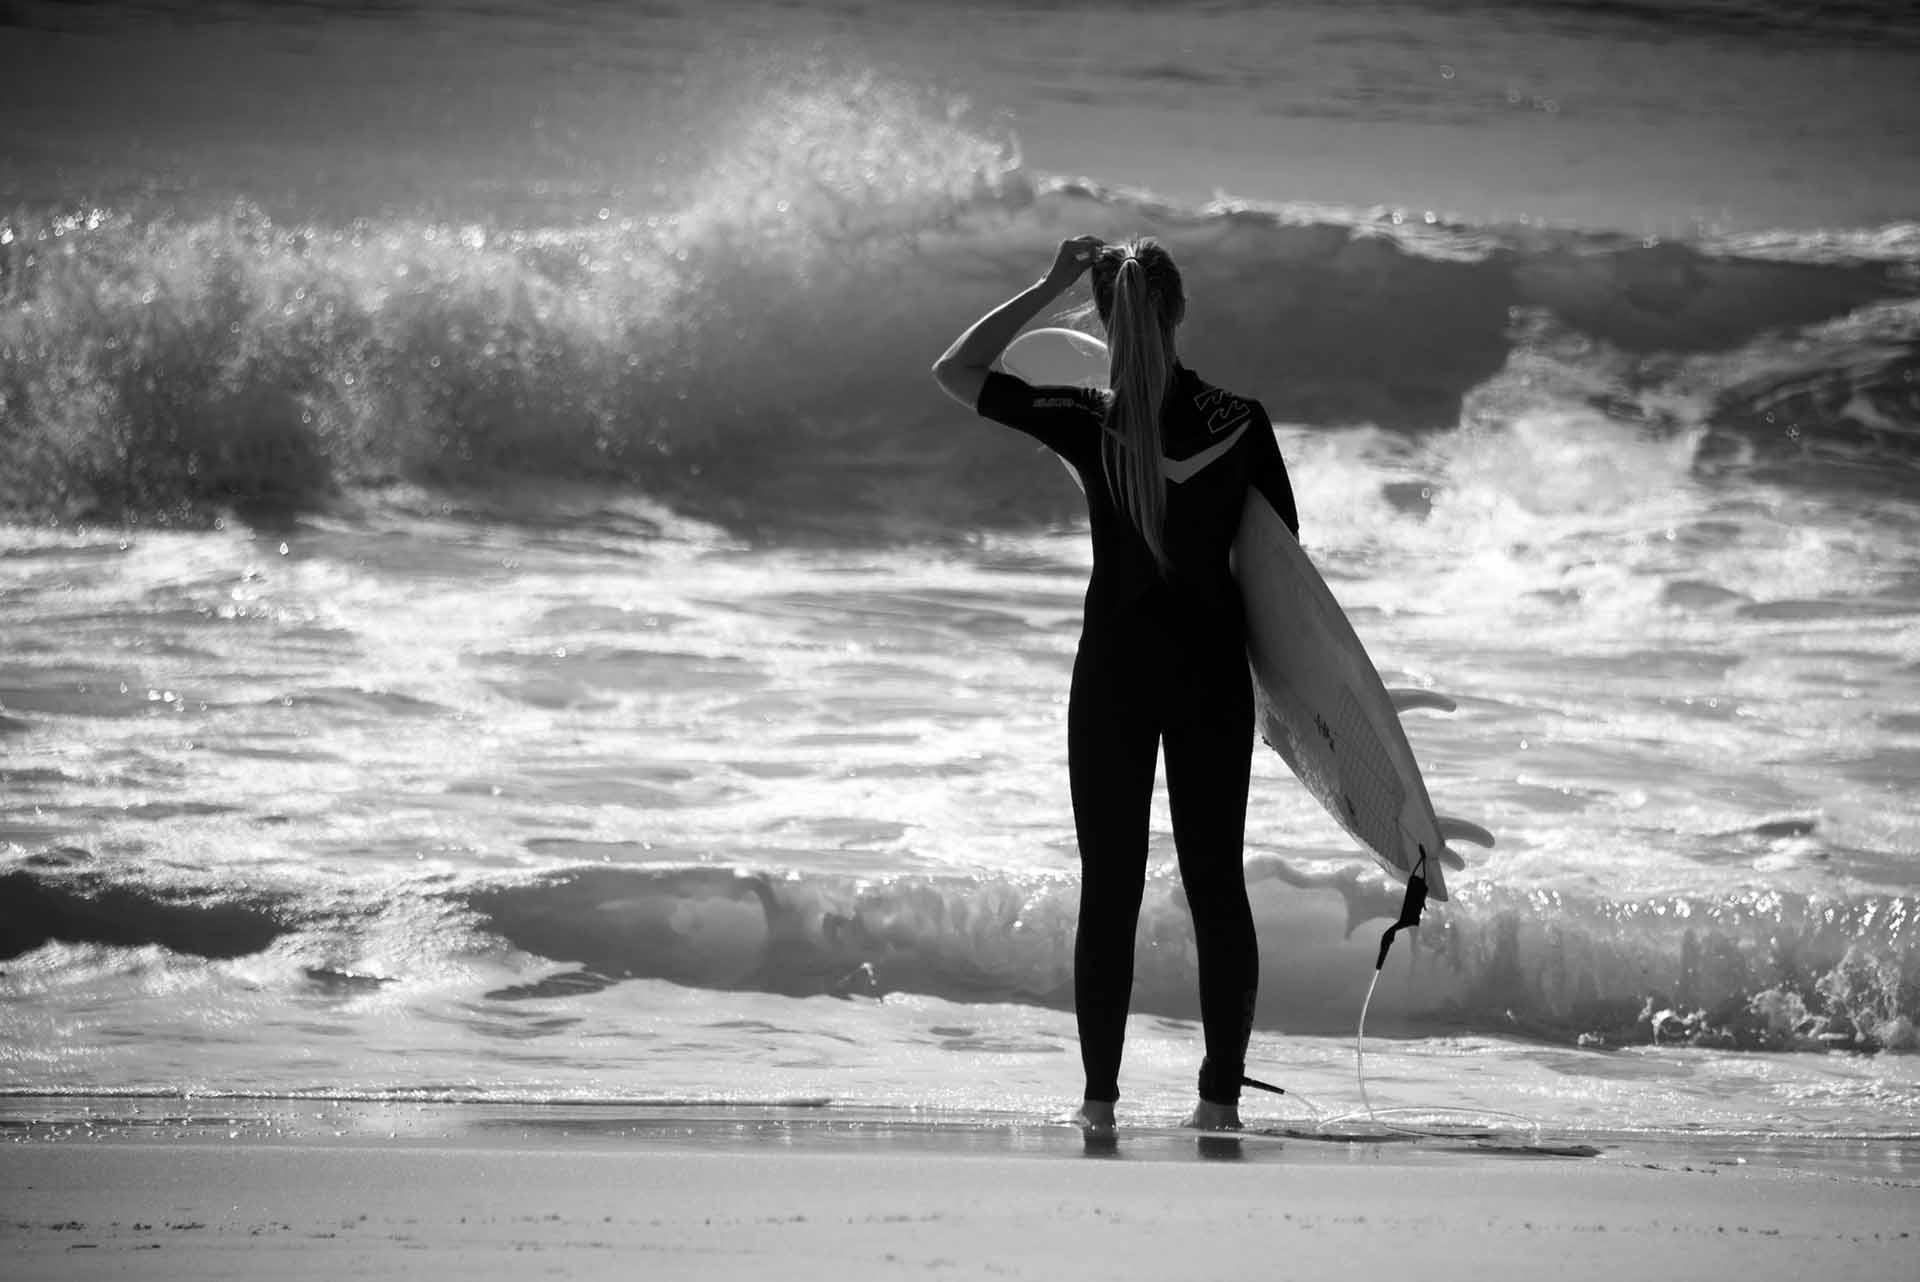 Monochrome Surfer Girl Wallpaper 58687